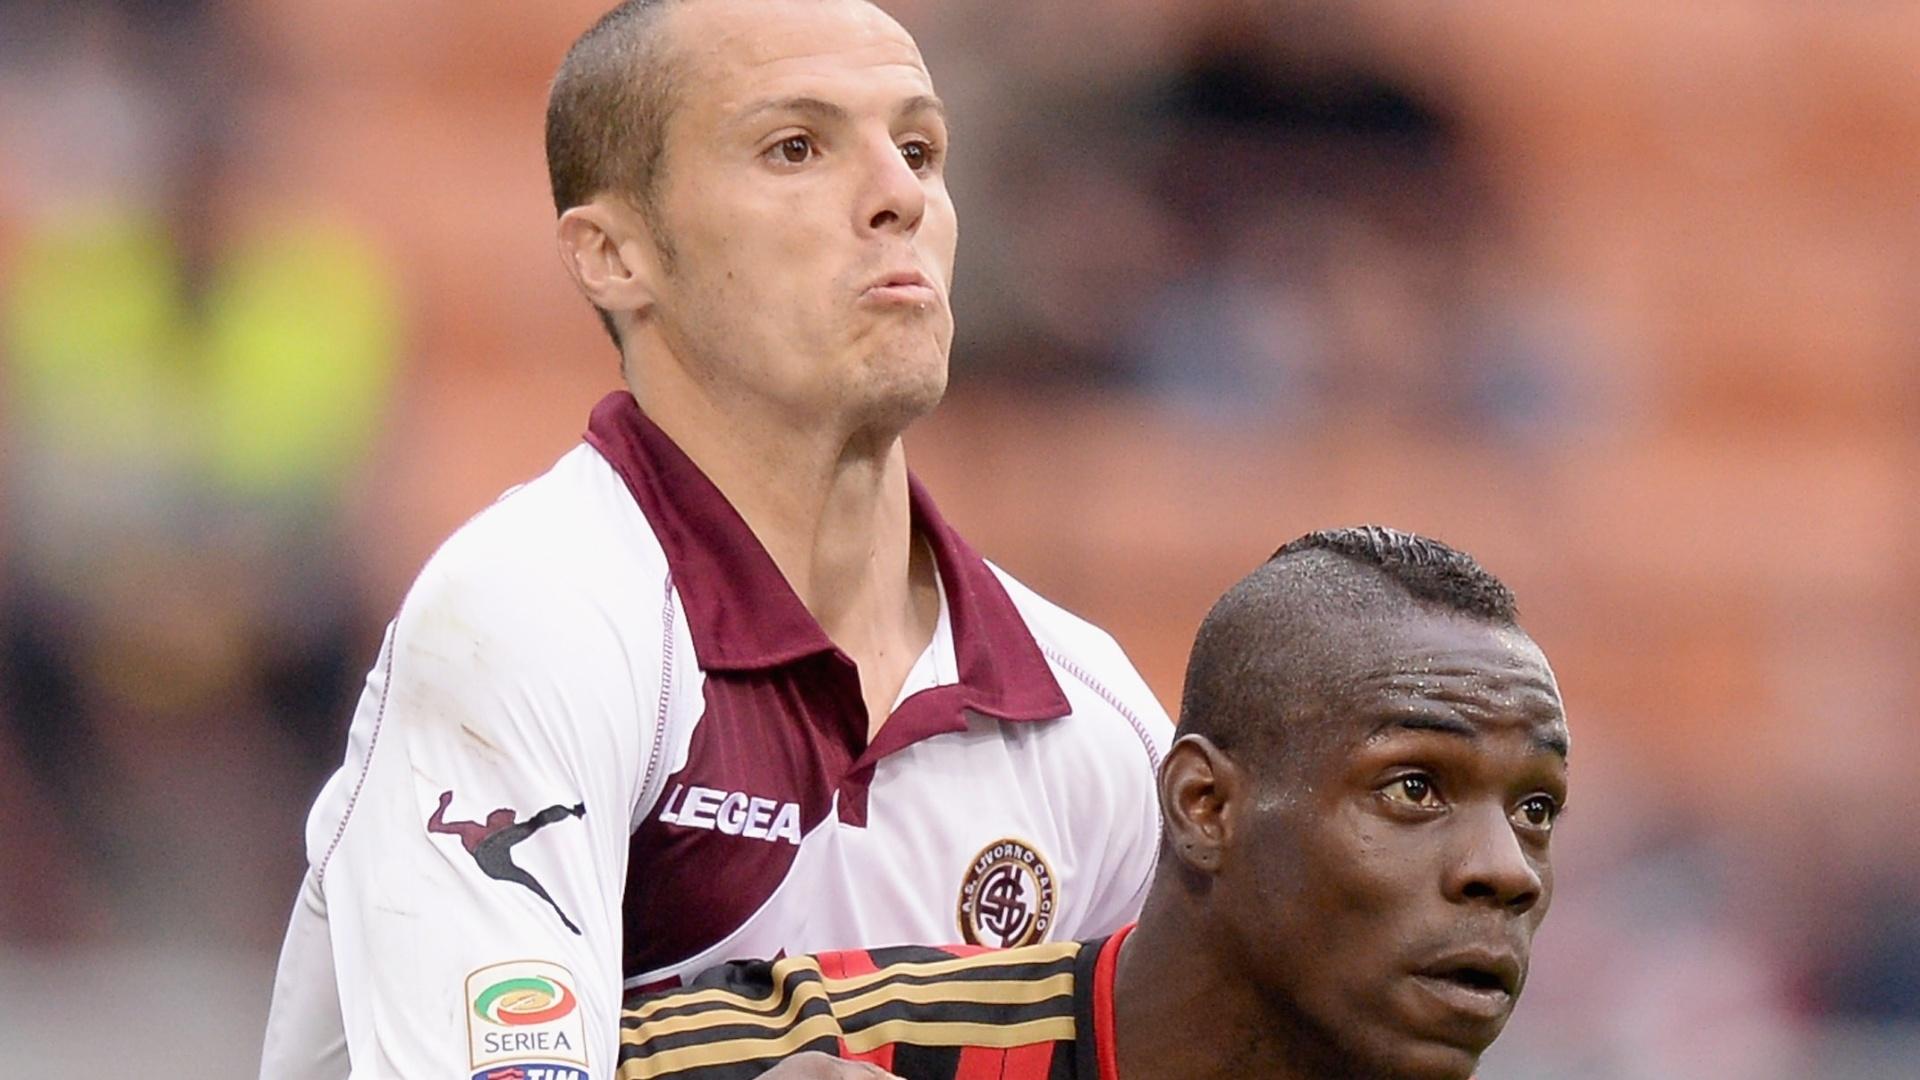 19.abr.2014 - Djamel Mesbah (e), do Livorno, faz marcação cerrada em Mario Balotelli, do Milan, durante partida do Campeonato Italiano